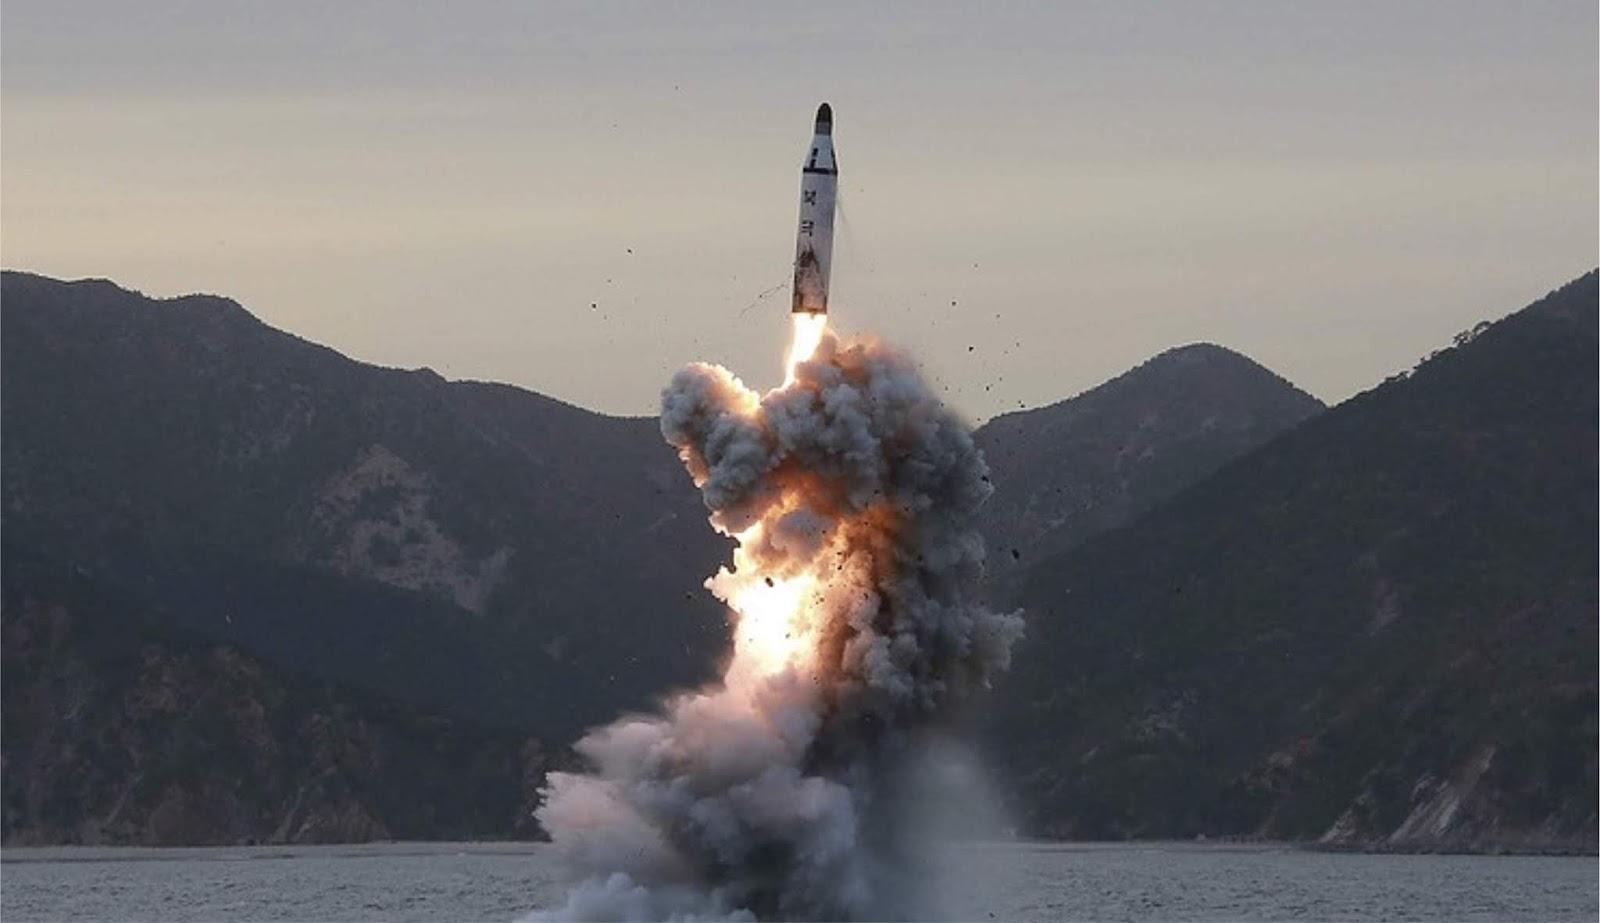 Pakar Korea Selatan menebak-nebak senjata berteknologi tinggi Korut yang di uji